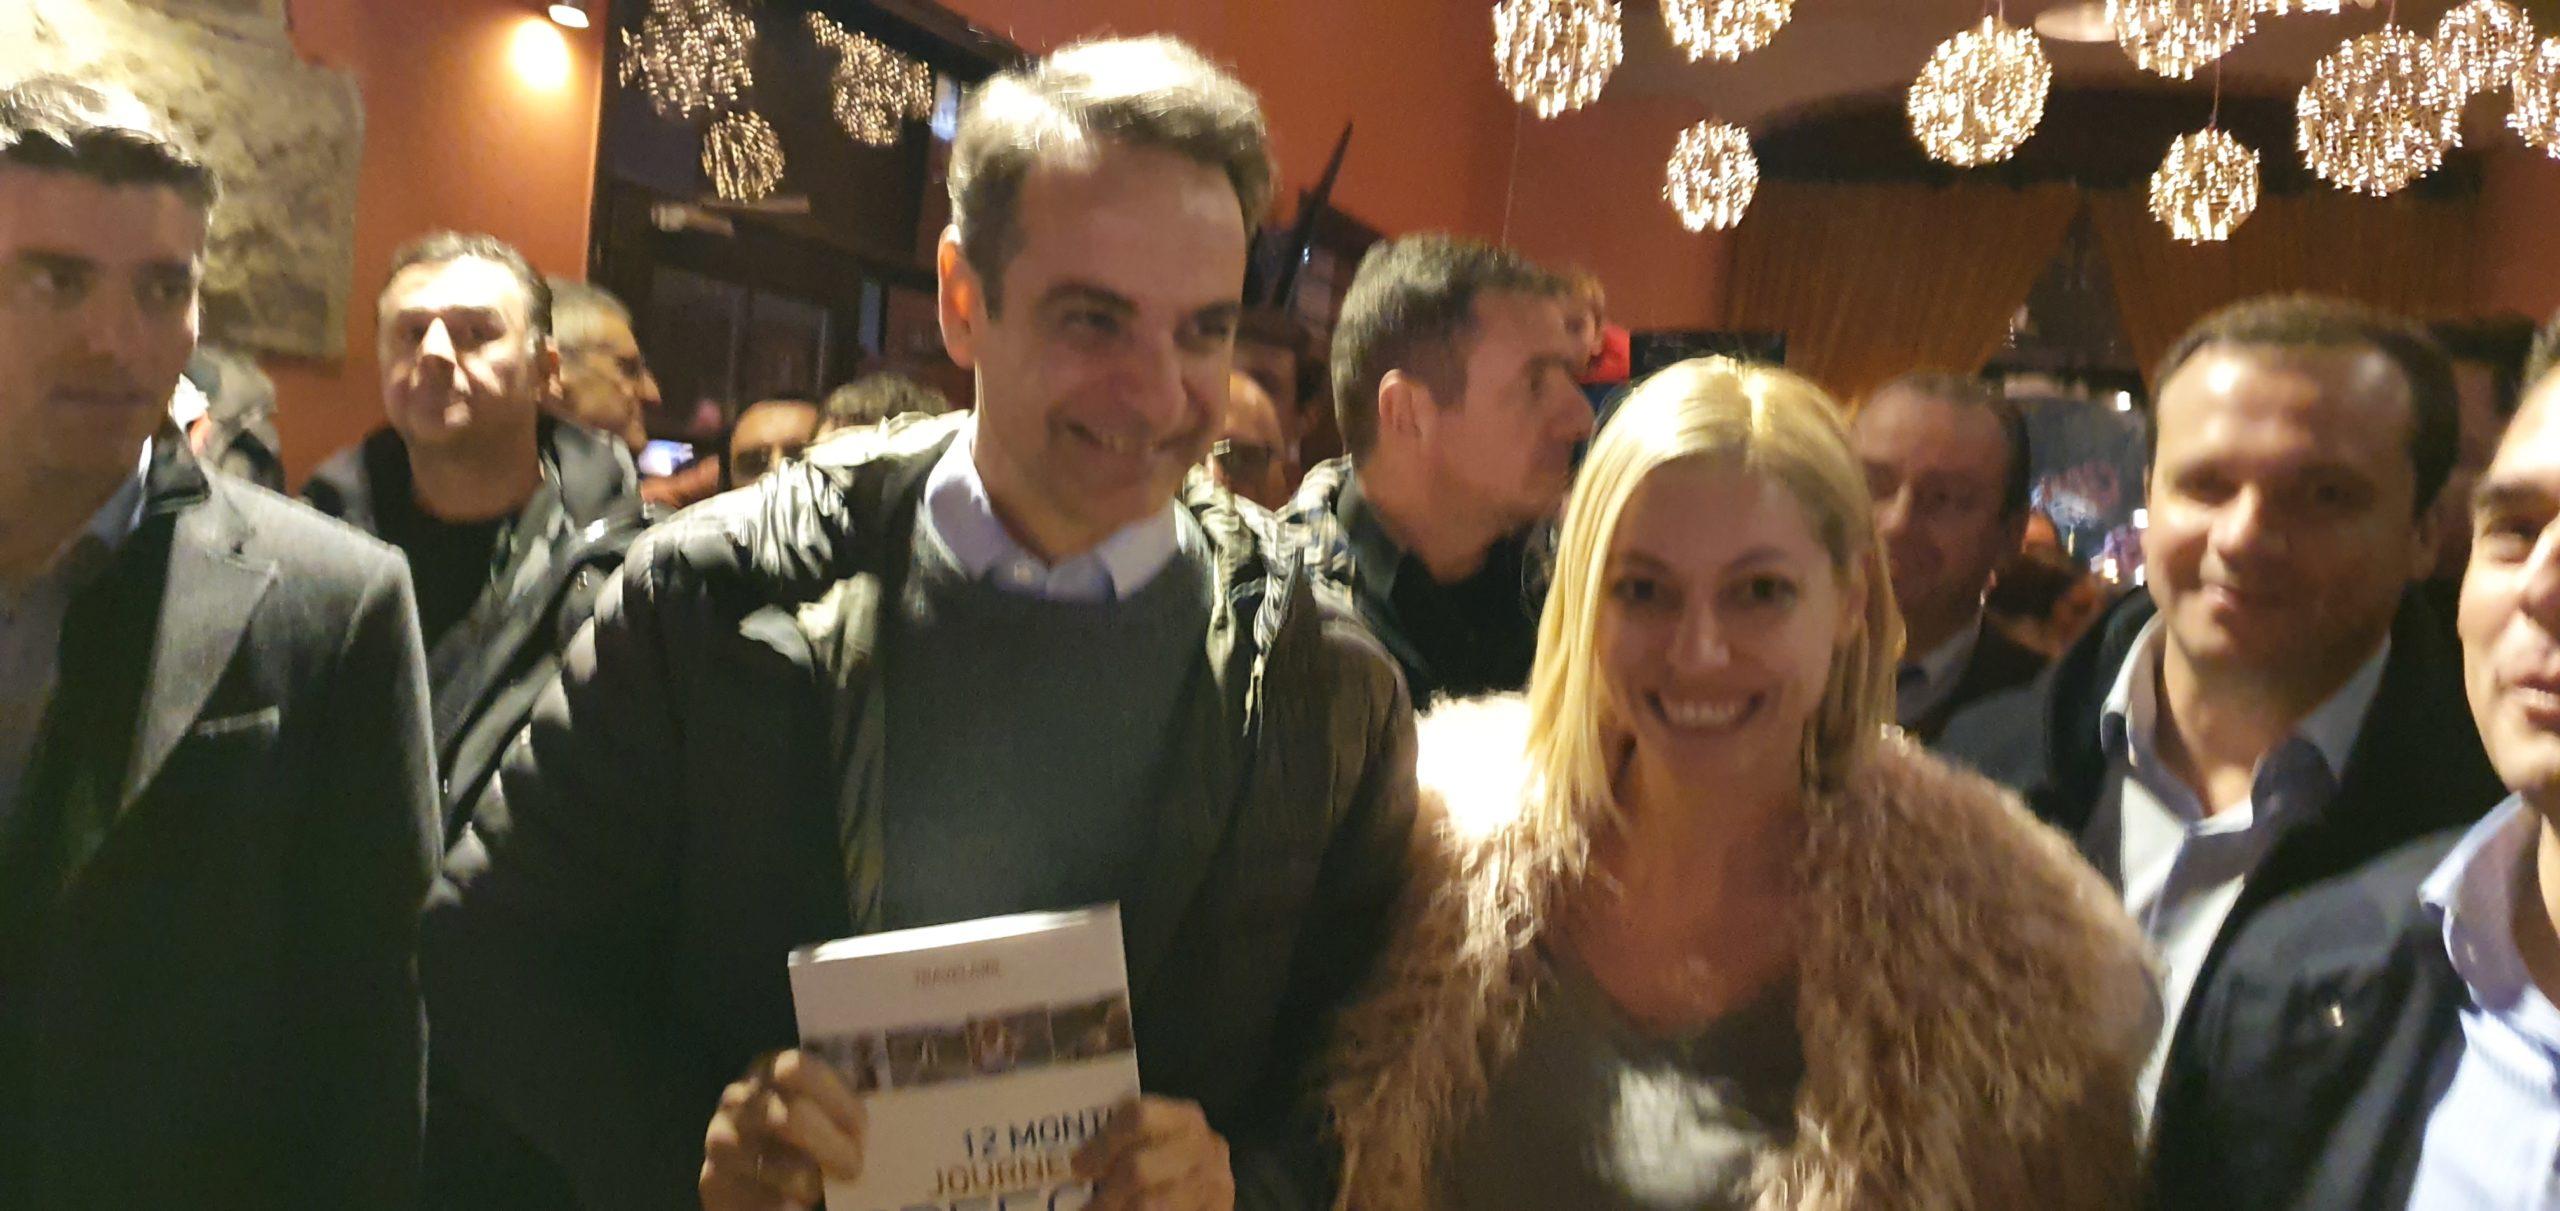 Μαρκέλλα Σαράιχα Φέσσα Συνέντευξη της Μαρκέλλας Σαράιχα Φέσσα, συγγραφέα του 12 Month Journey in Greece 20191220 192302 scaled